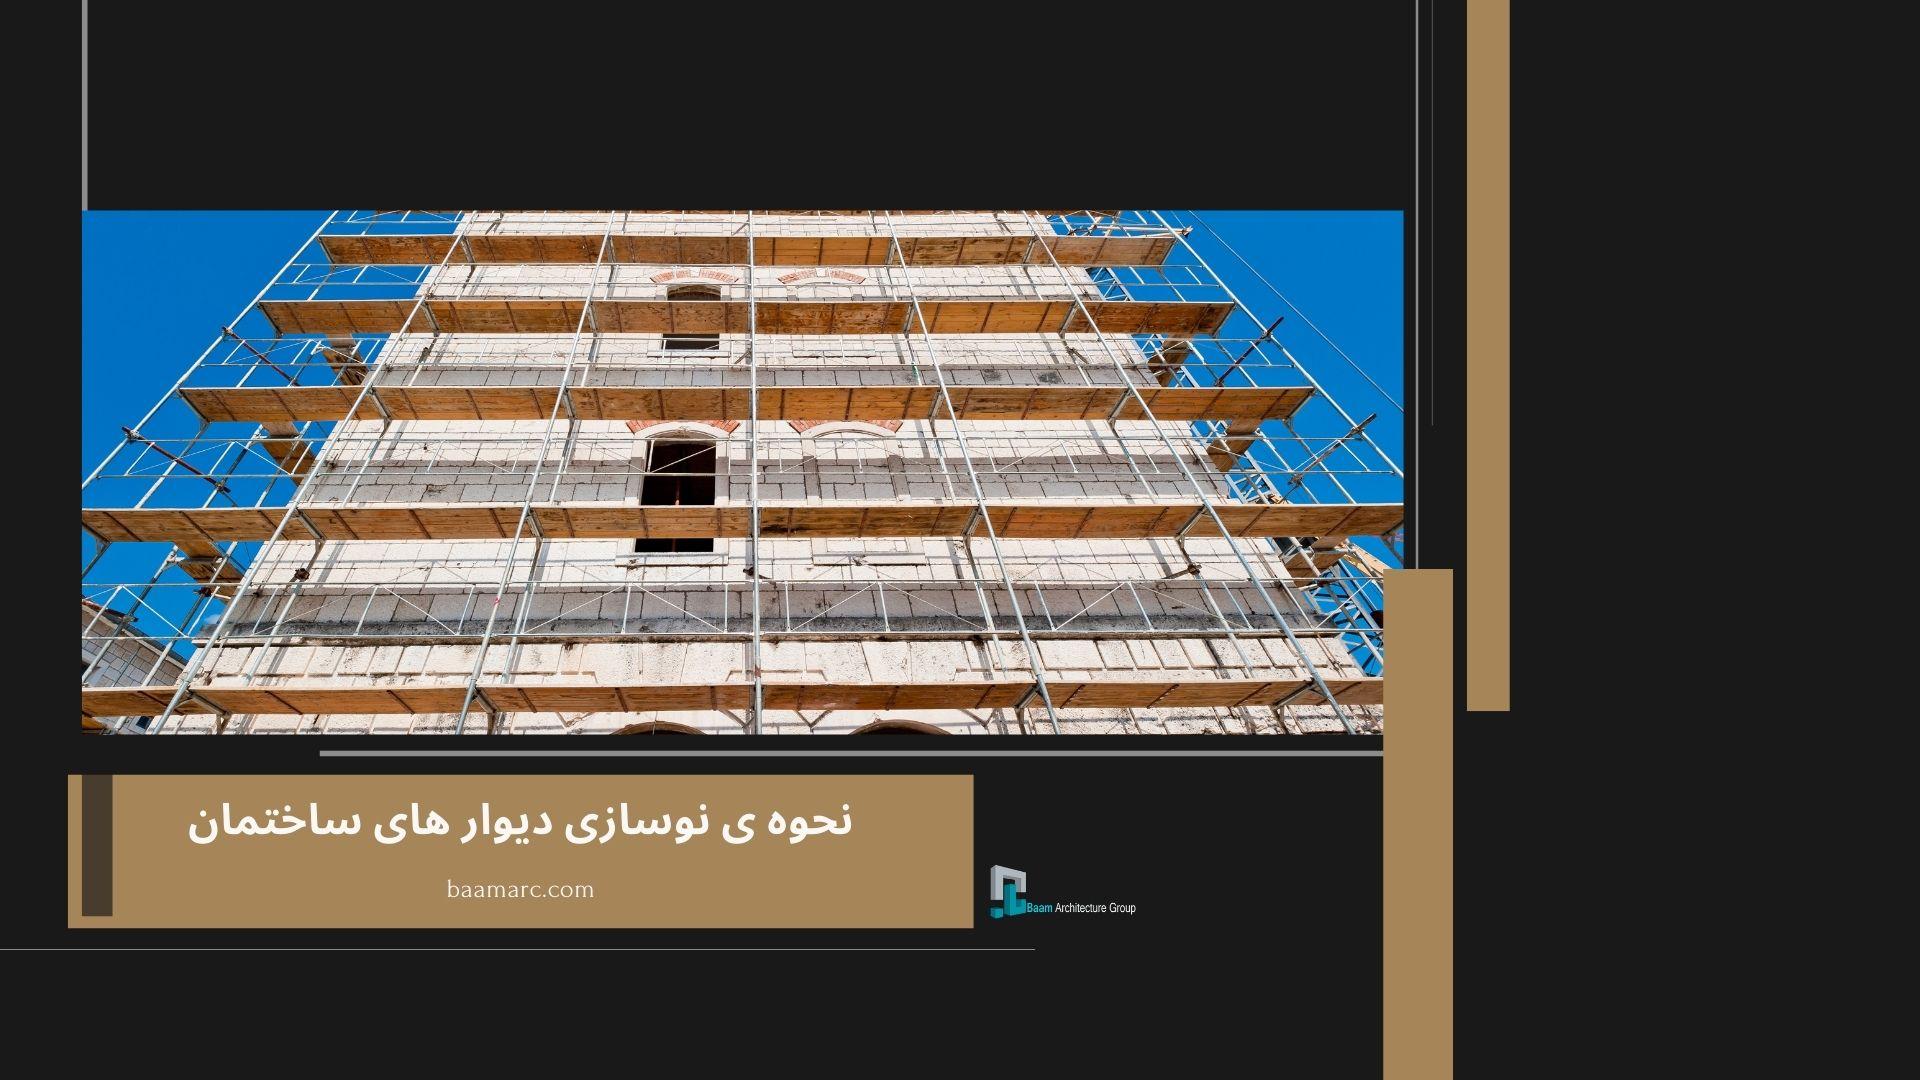 نحوه ی نوسازی دیوار های ساختمان